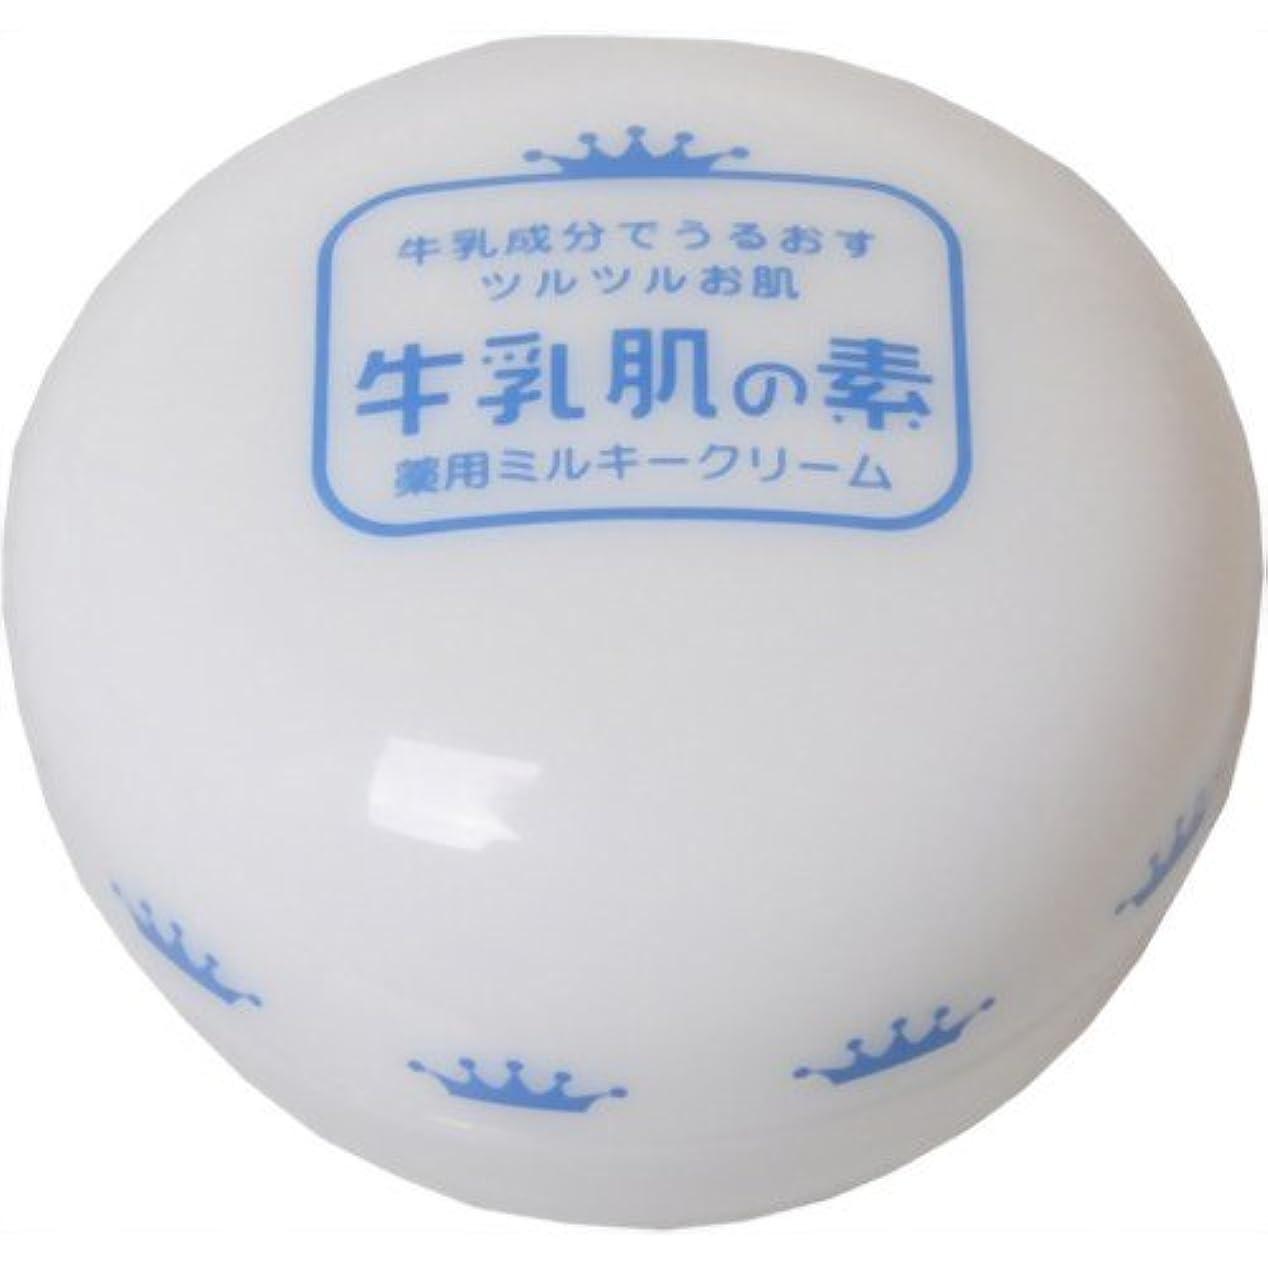 解決フォアマンコンパニオン牛乳肌の素 薬用ミルキークリーム 20g